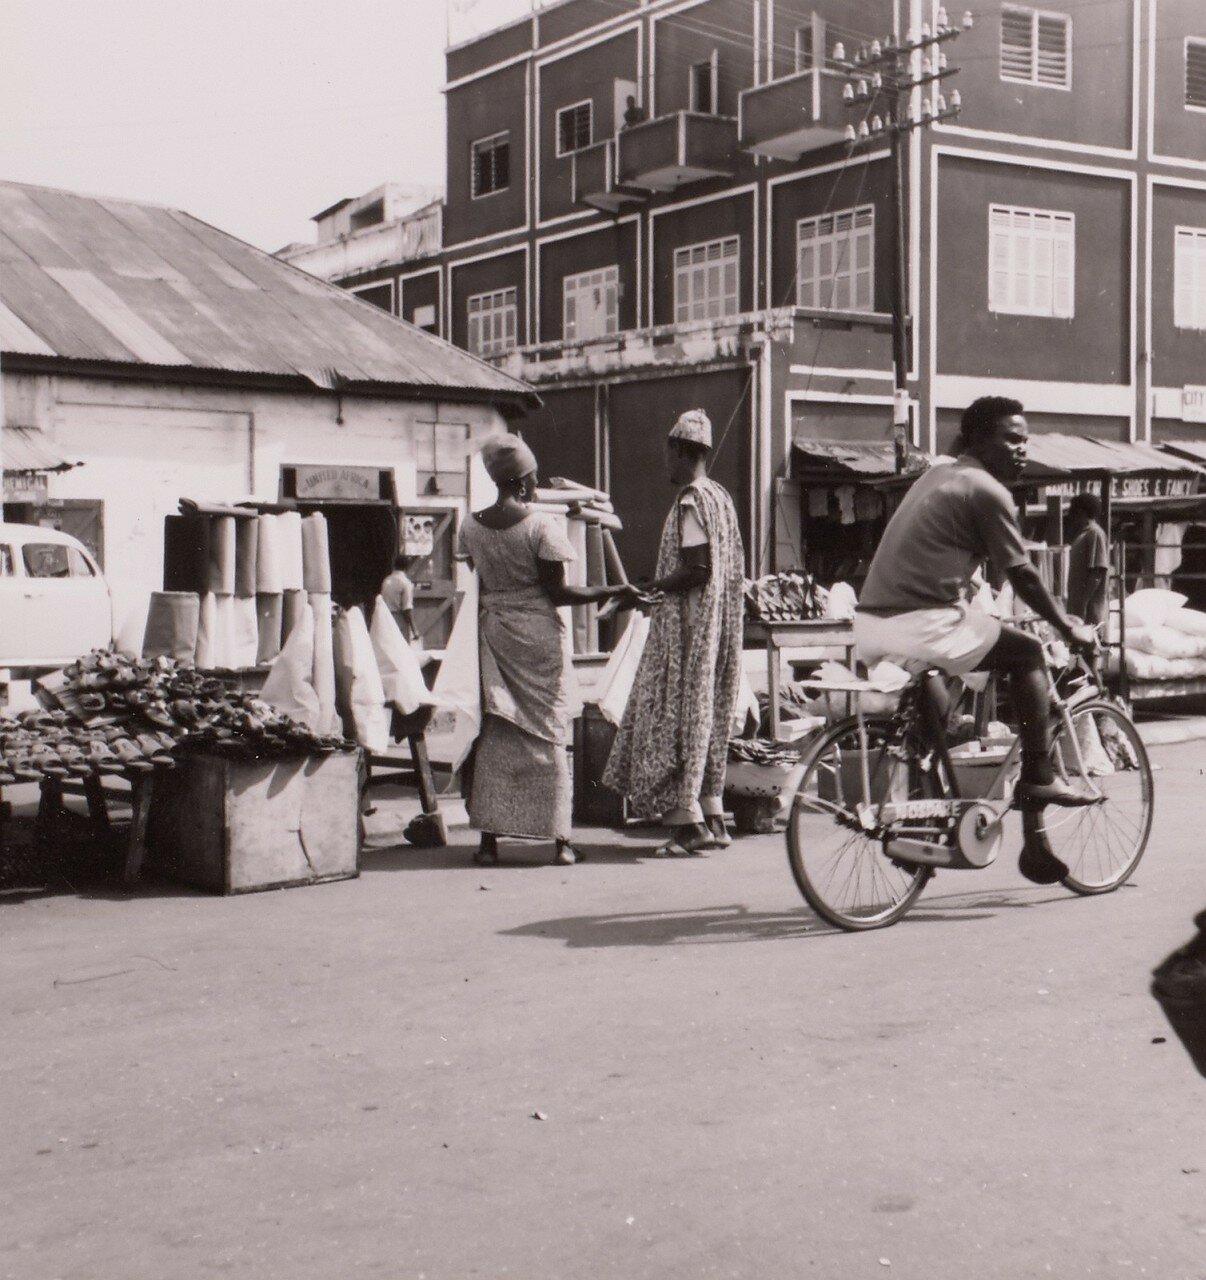 Гана. Такоради. Велосипедист проезжает мимо уличных торговцев